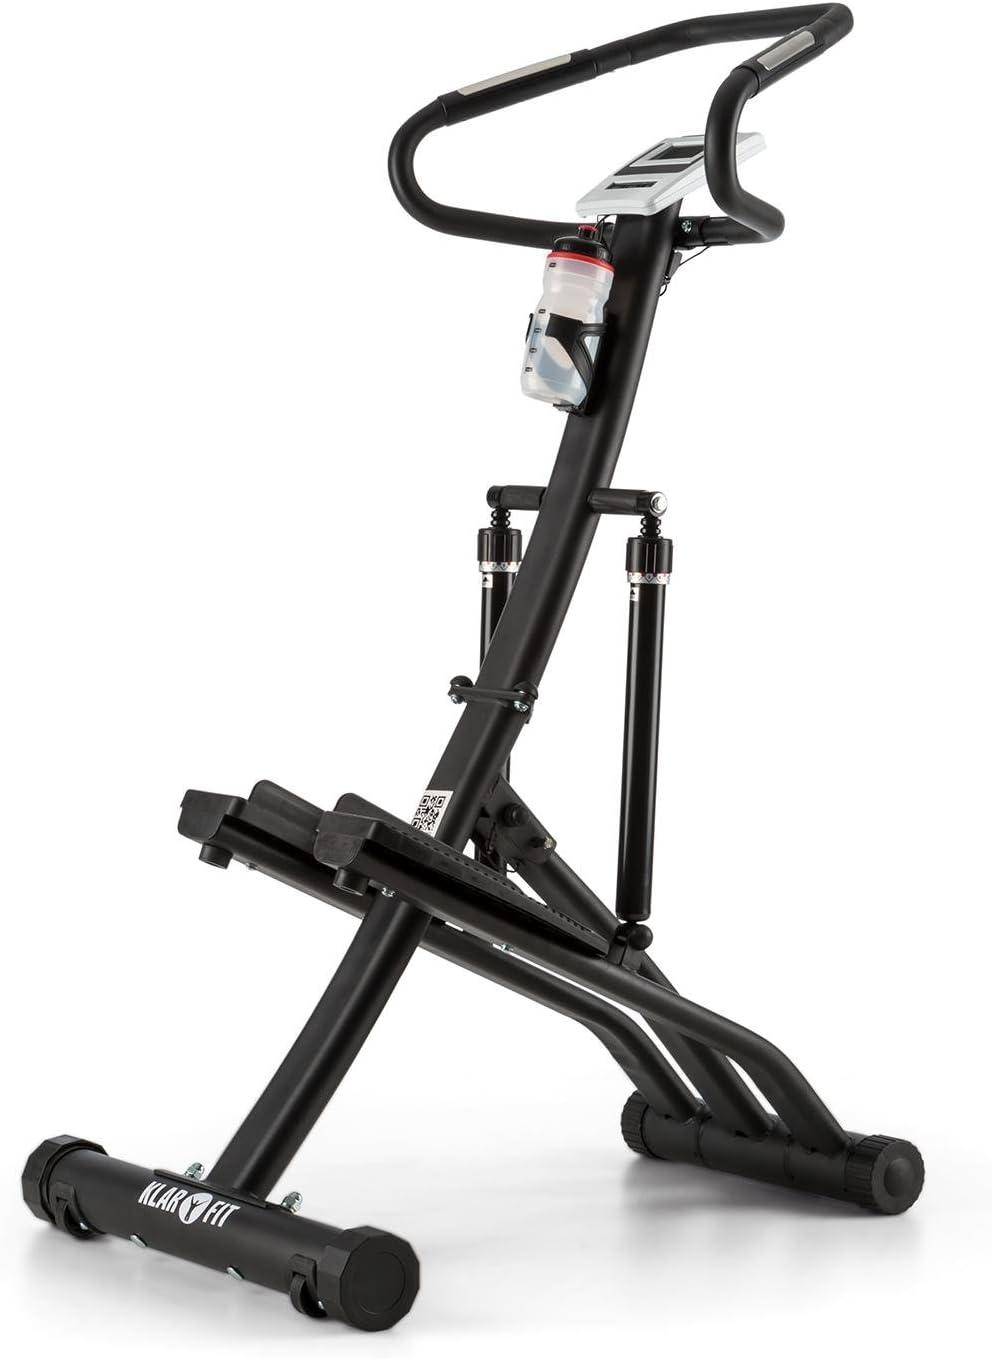 Klarfit Treppo Power Stepper Máquina de Step estática Plegable (Sensor de pulsaciones, Ordenador de Entrenamiento, Ajustable, Entrenar en casa) - Negra